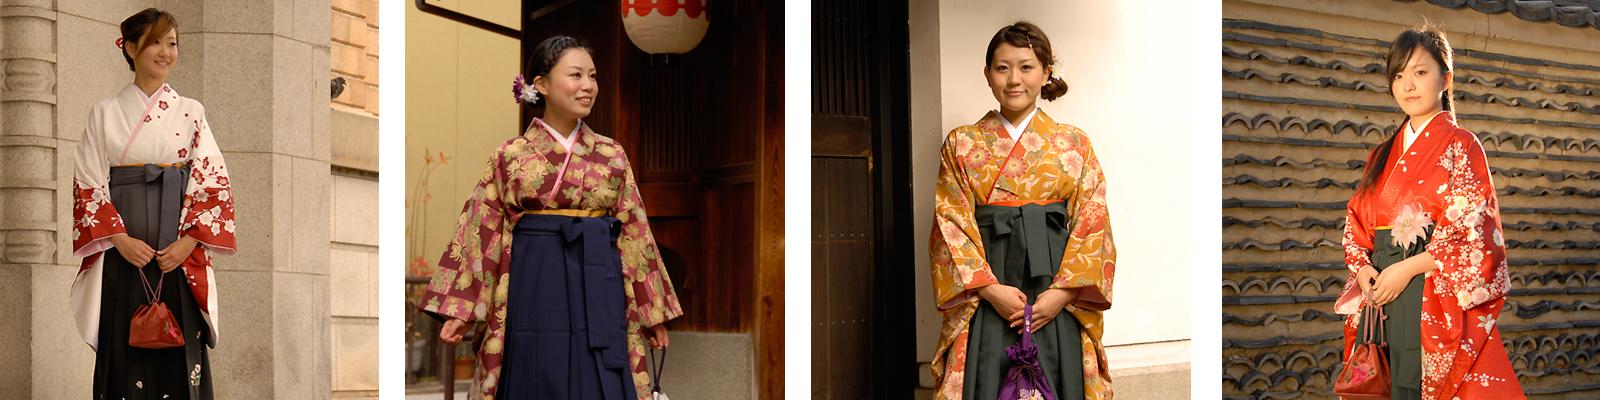 京都着物レンタル古典柄にこだわった袴ラインナップ